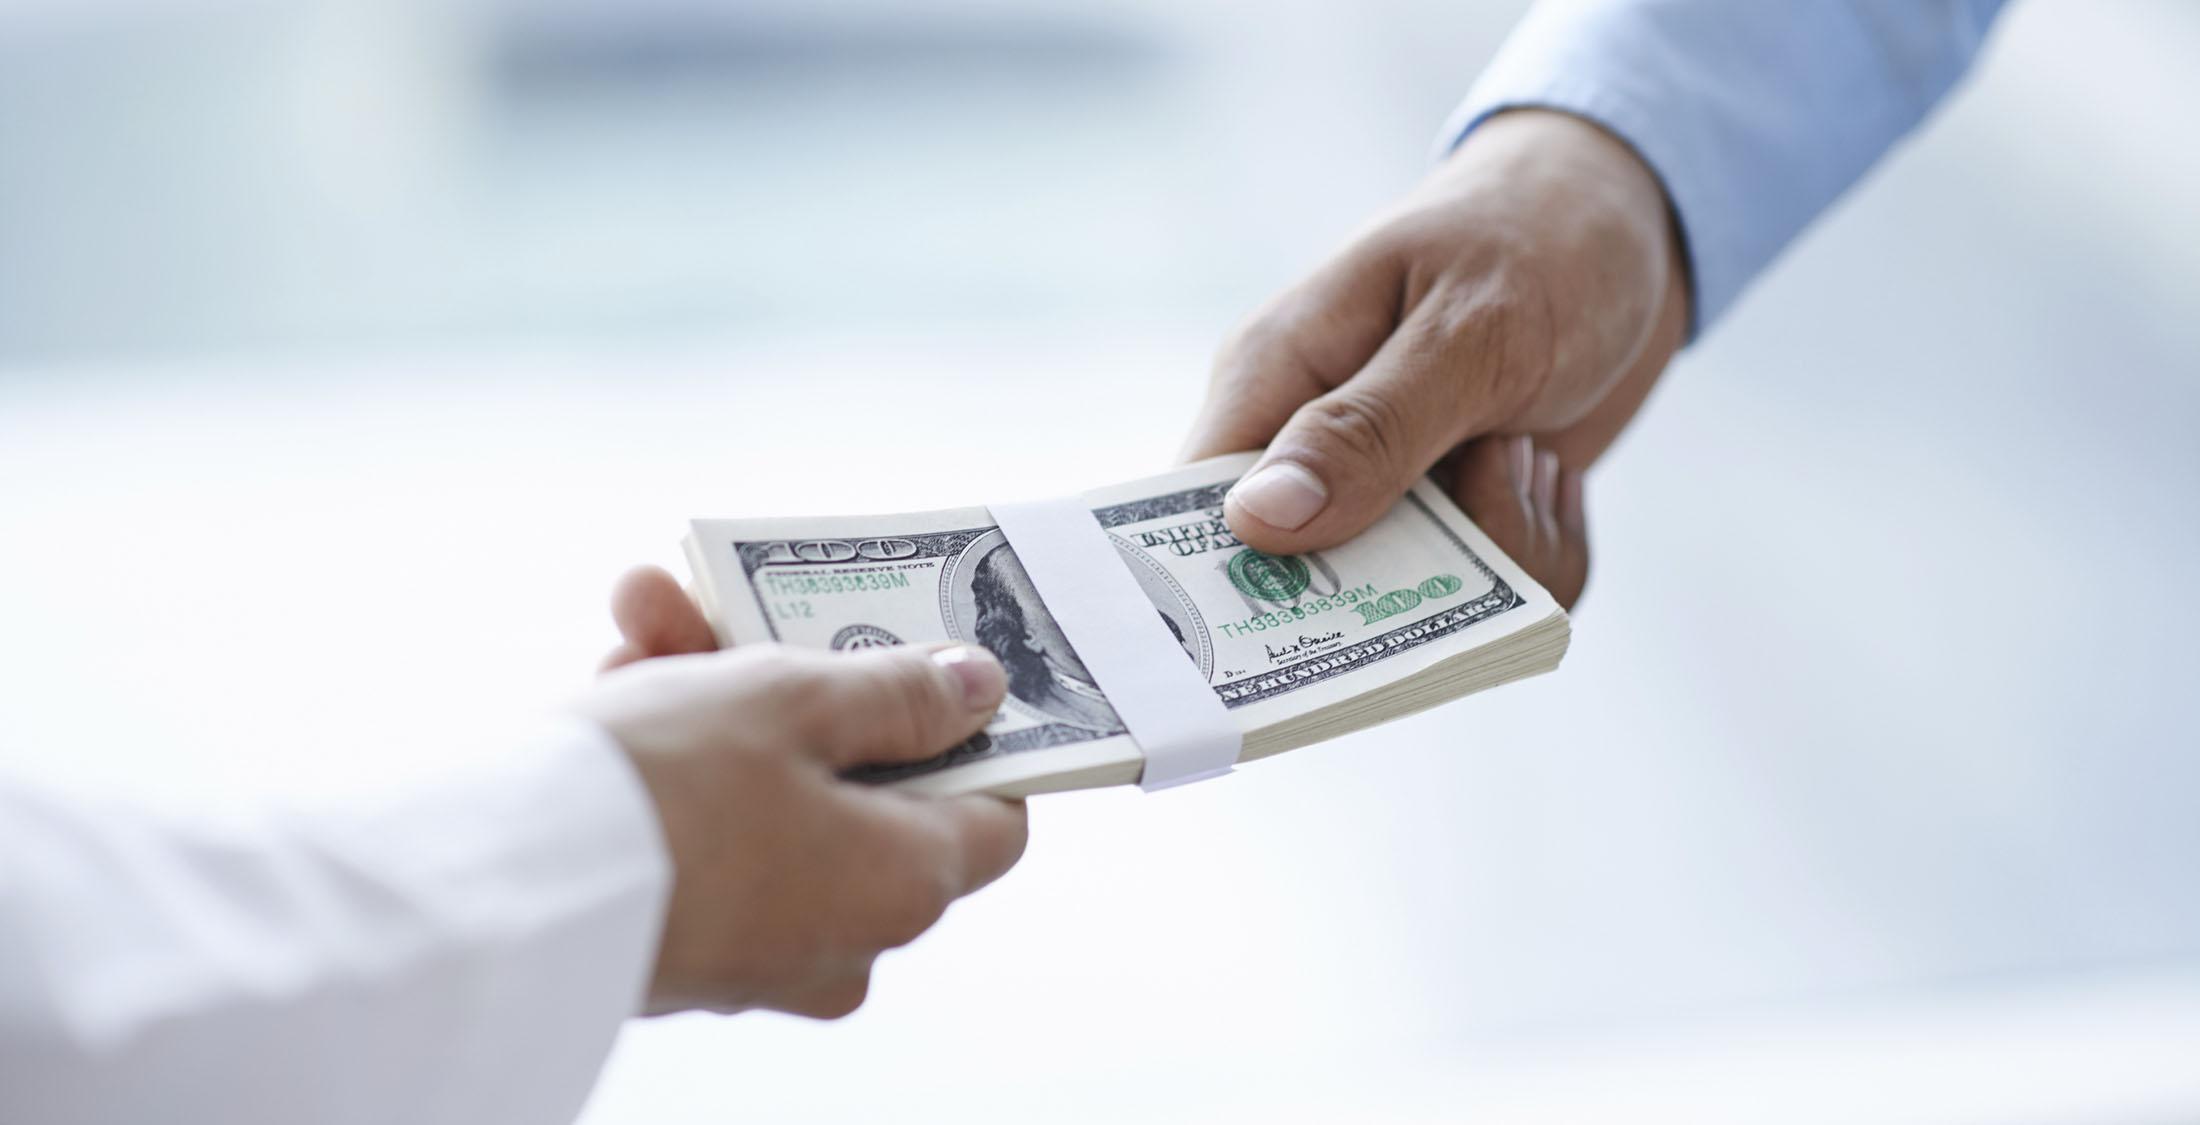 Как сделать так чтобы должники отдали деньги Сильный заговор на возврат долга по старинным